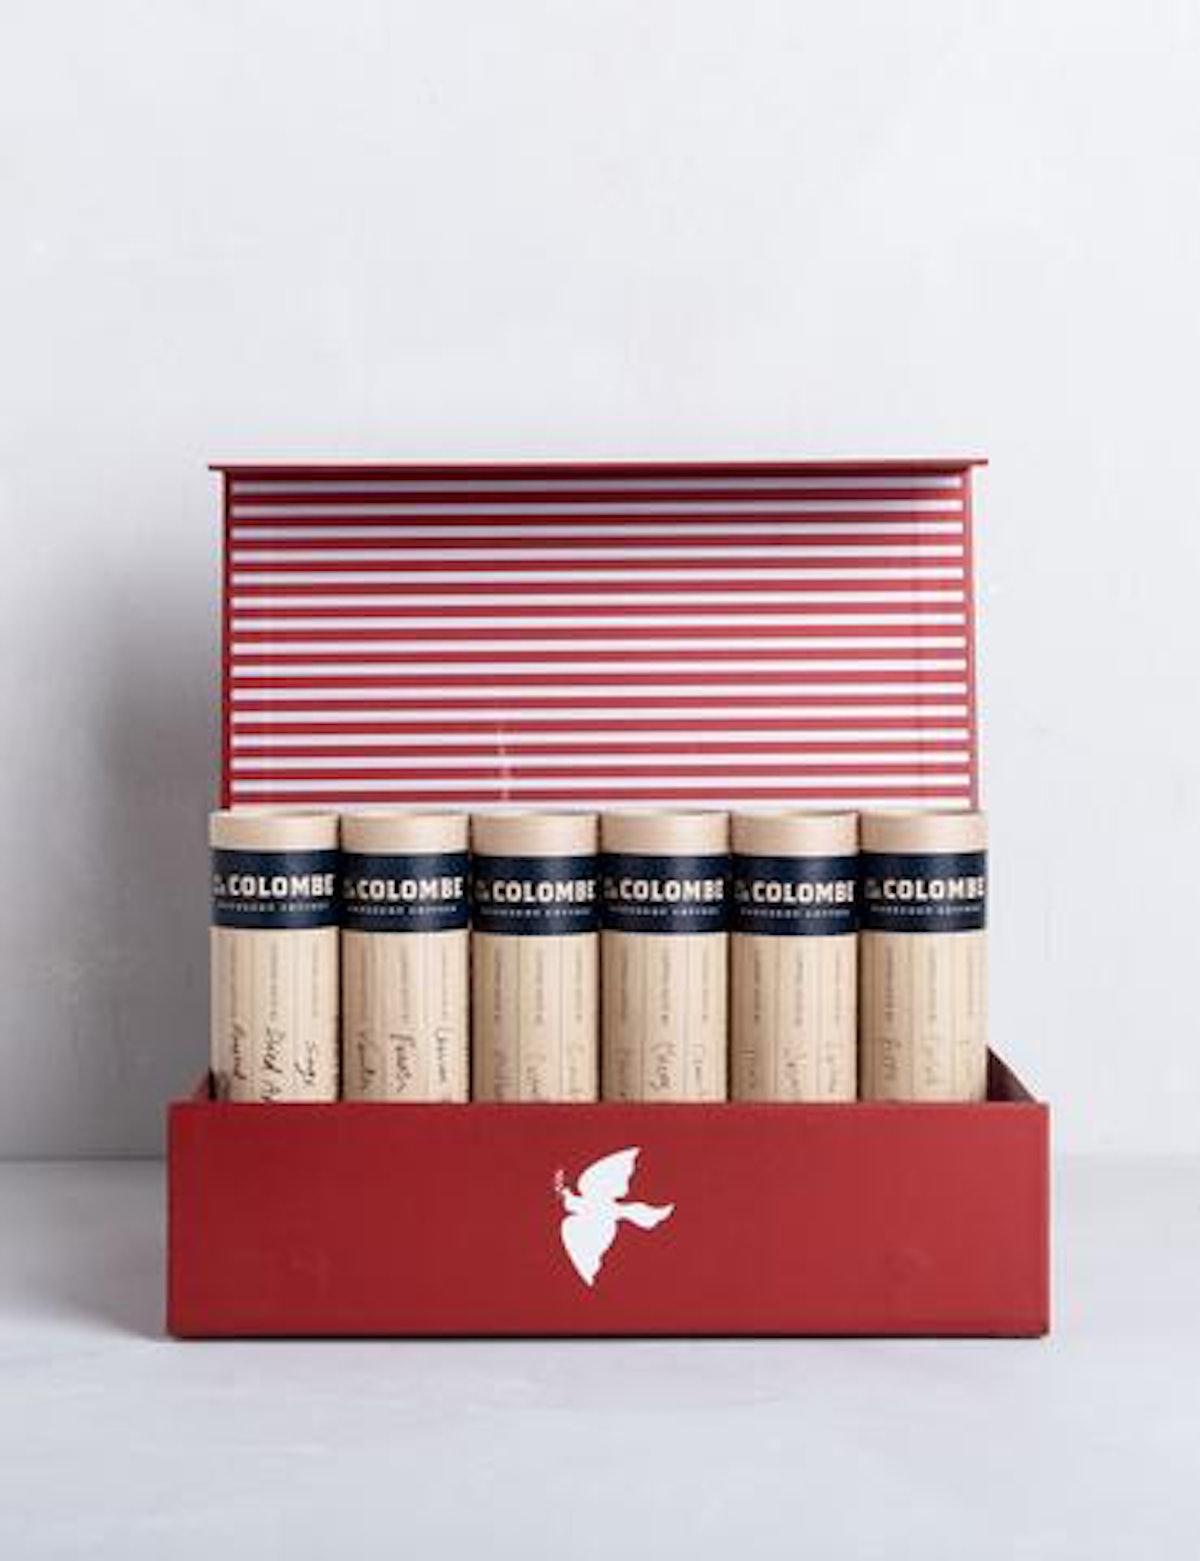 La Colombe Workshop Sampler Gift Box